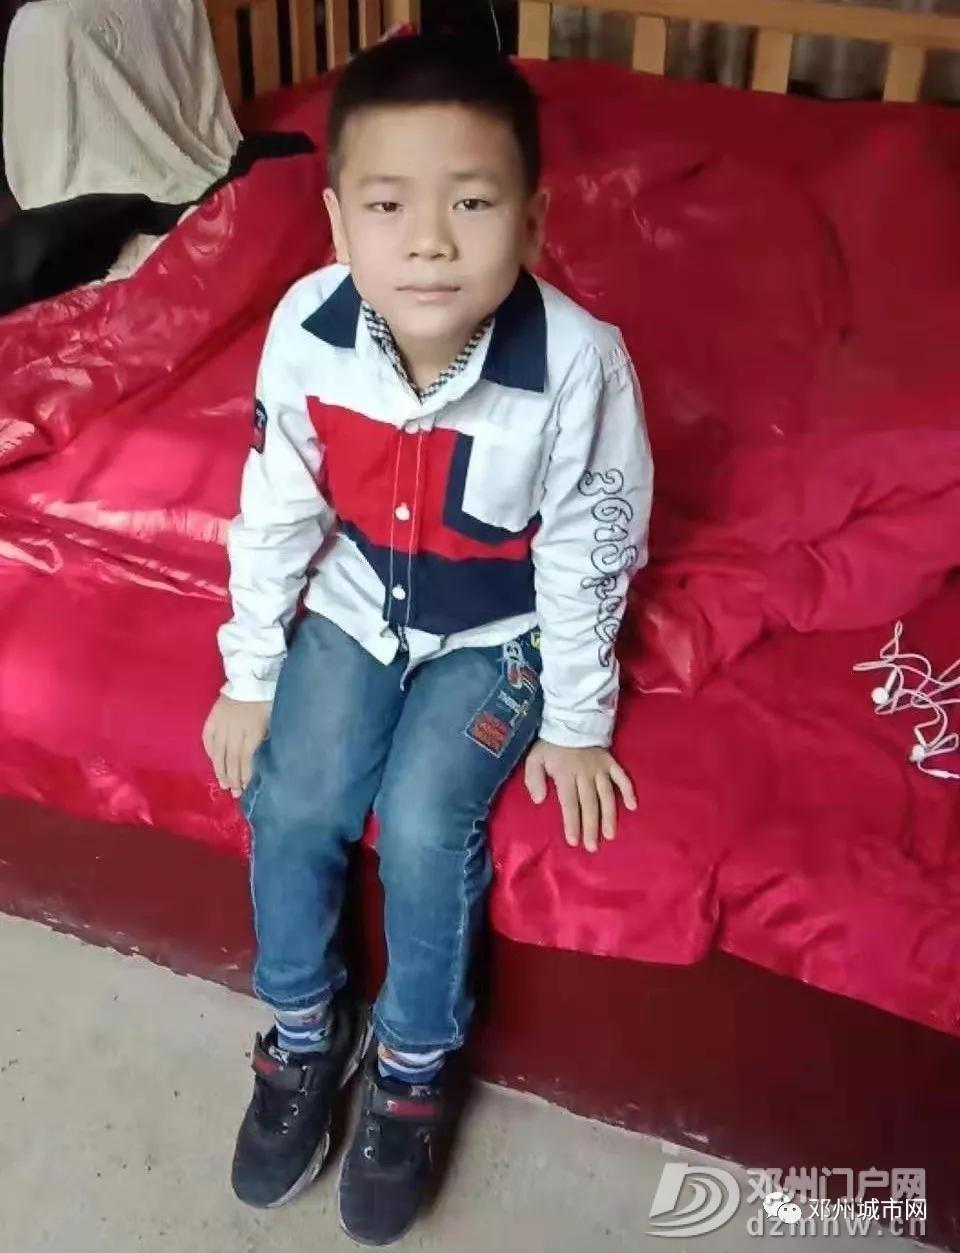 【紧急寻人】邓州一9岁学生中午放学失联至今未归!家人都找疯了 - 邓州门户网|邓州网 - 640.webp38.jpg